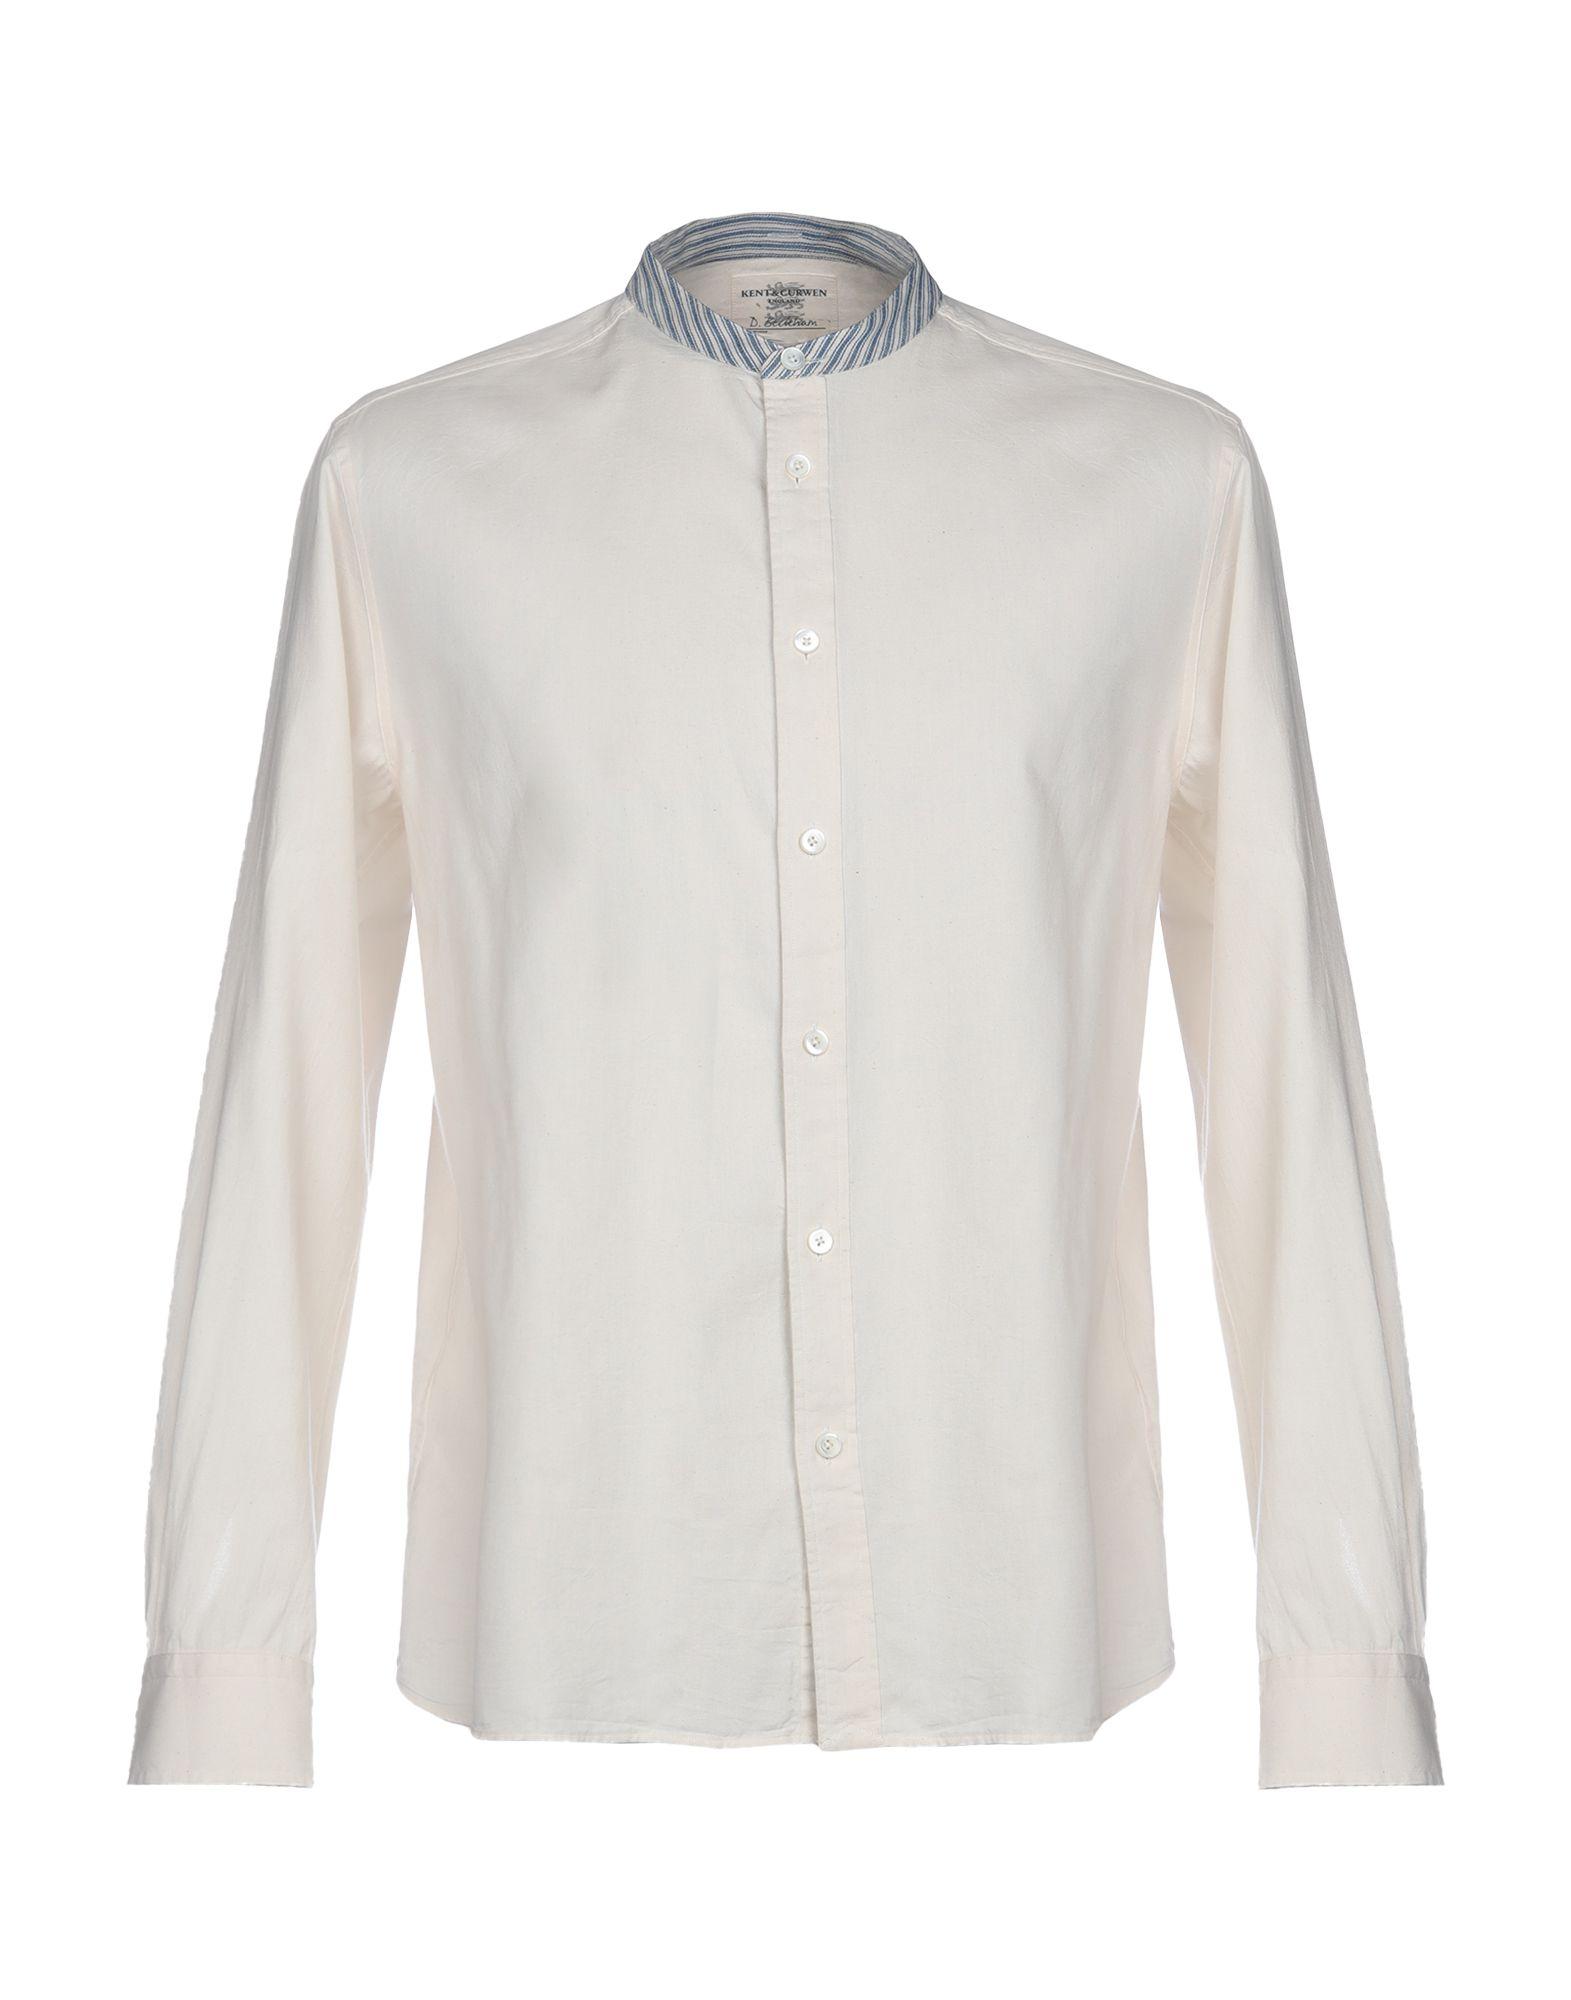 《期間限定セール中》KENT & CURWEN メンズ シャツ ベージュ S 100% コットン